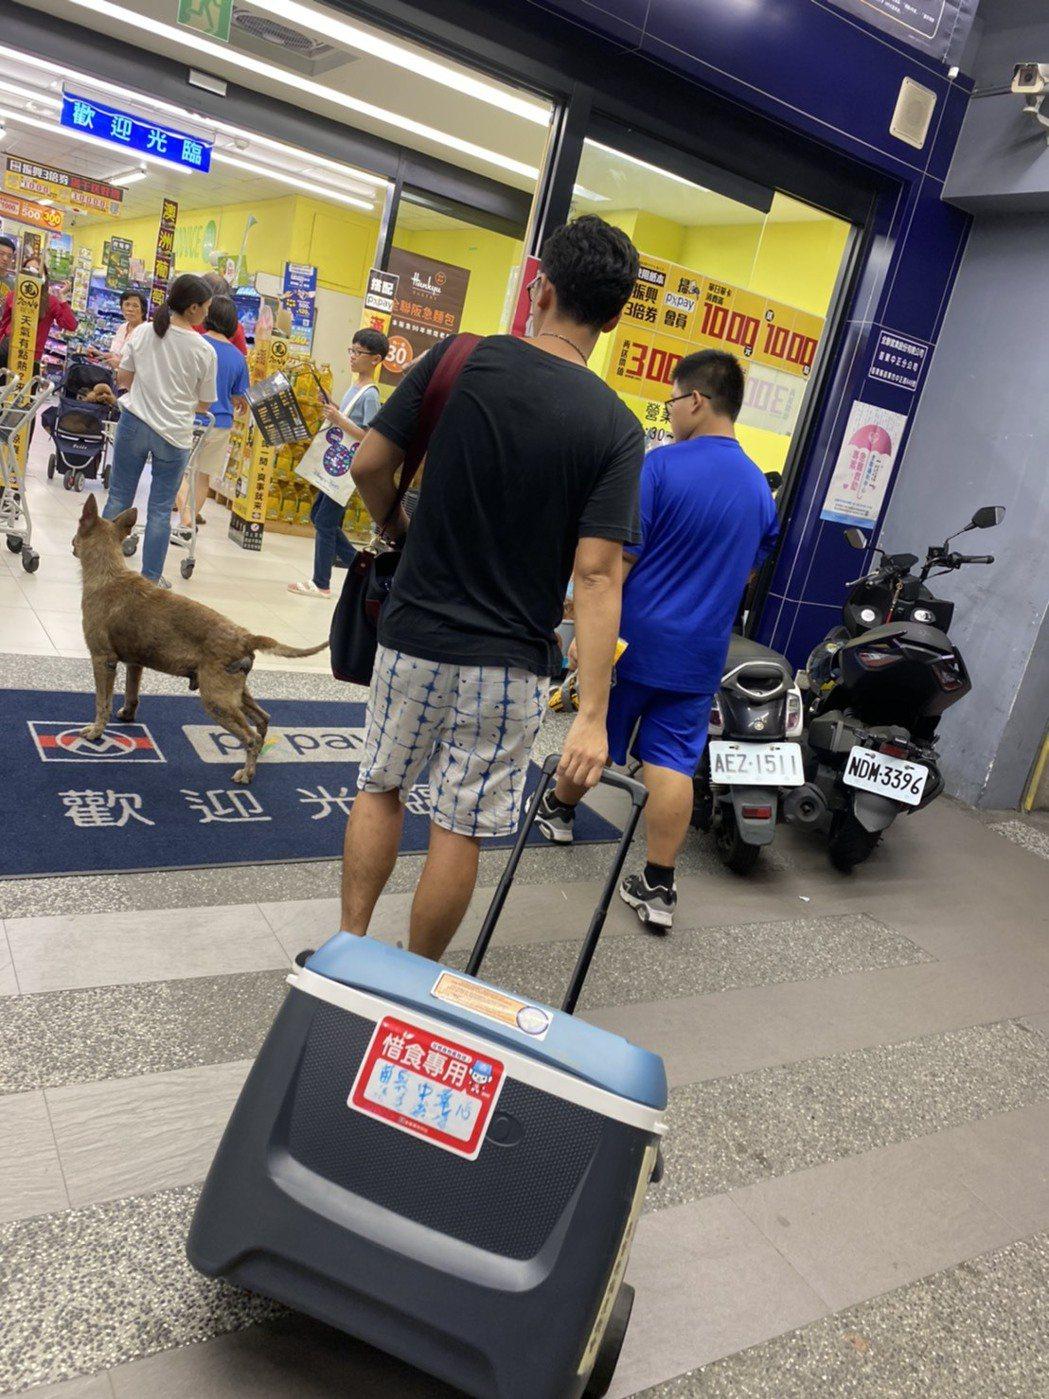 每天晚上9:30便有志工帶著冰桶到全聯超市領取即期食材。中華基督教救助協會/提供